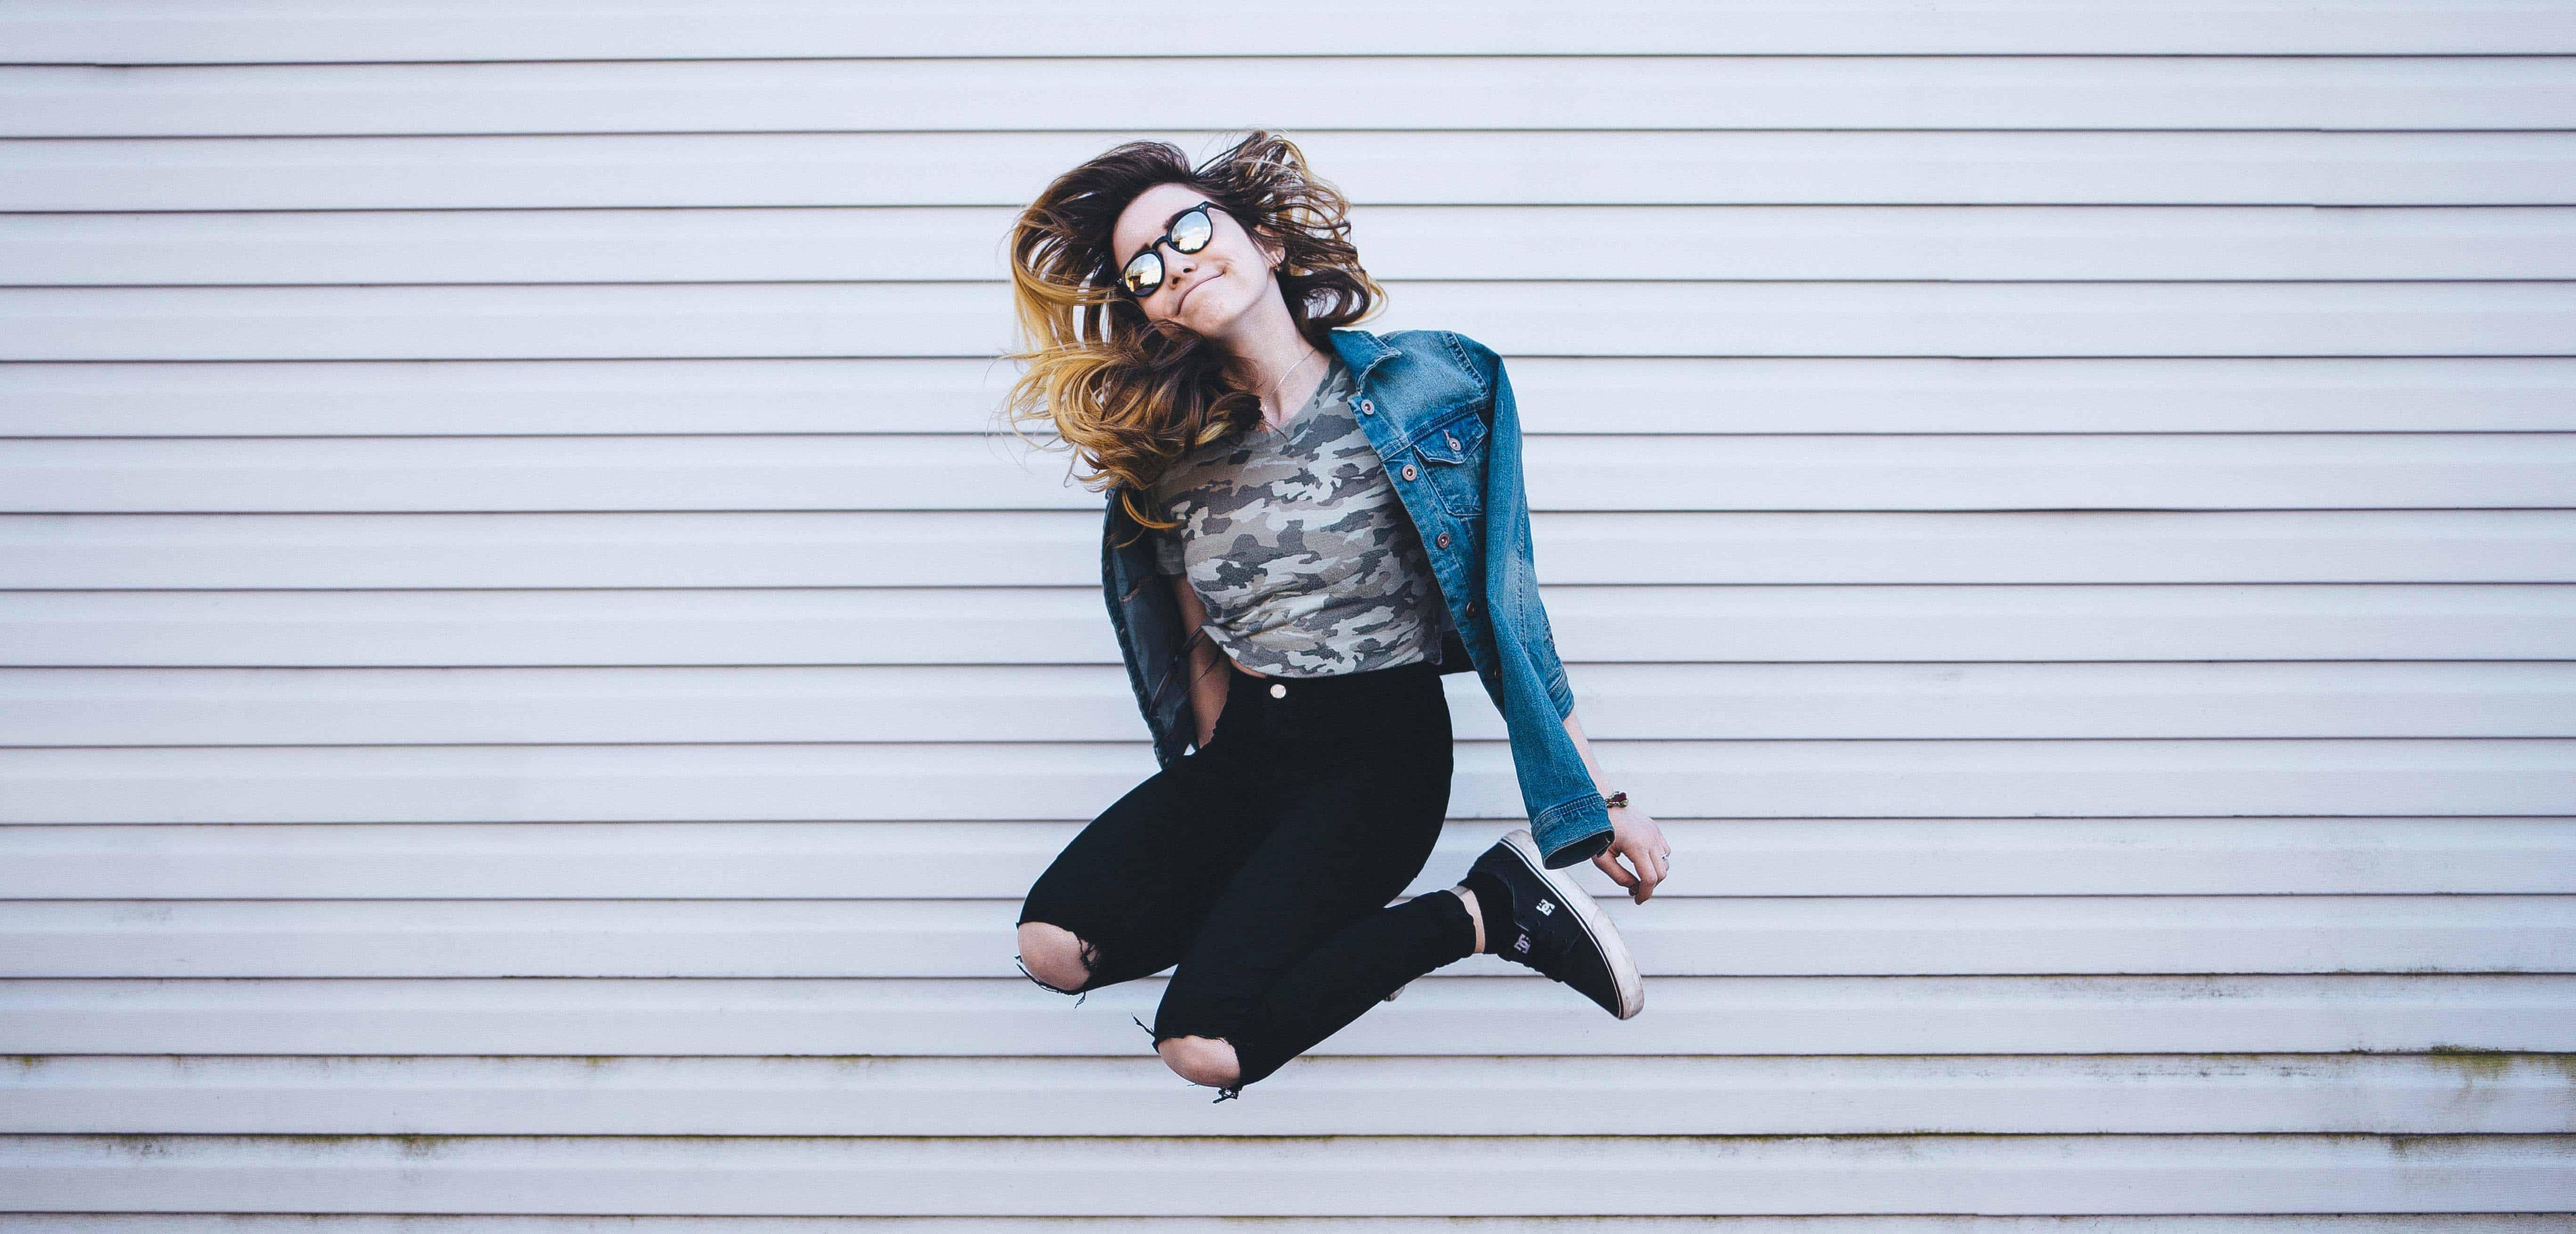 funky ist von Jugendlichen für Jugendliche. Hier beschreiben, fotografieren und kommentieren junge Menschen, was sie so bewegt.